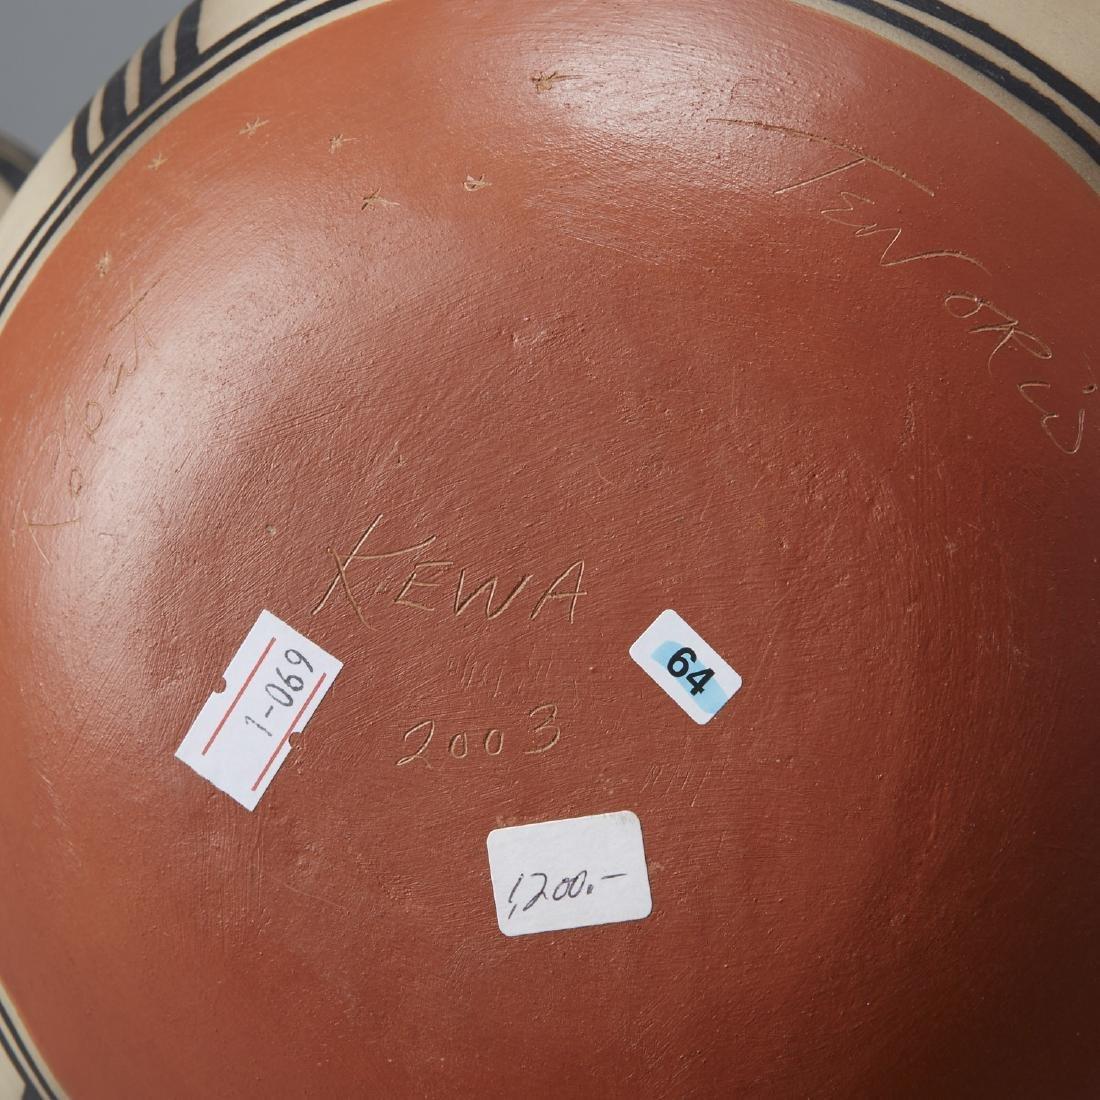 3 Tenorio Kewa Santo Domingo Pottery Jars - 5